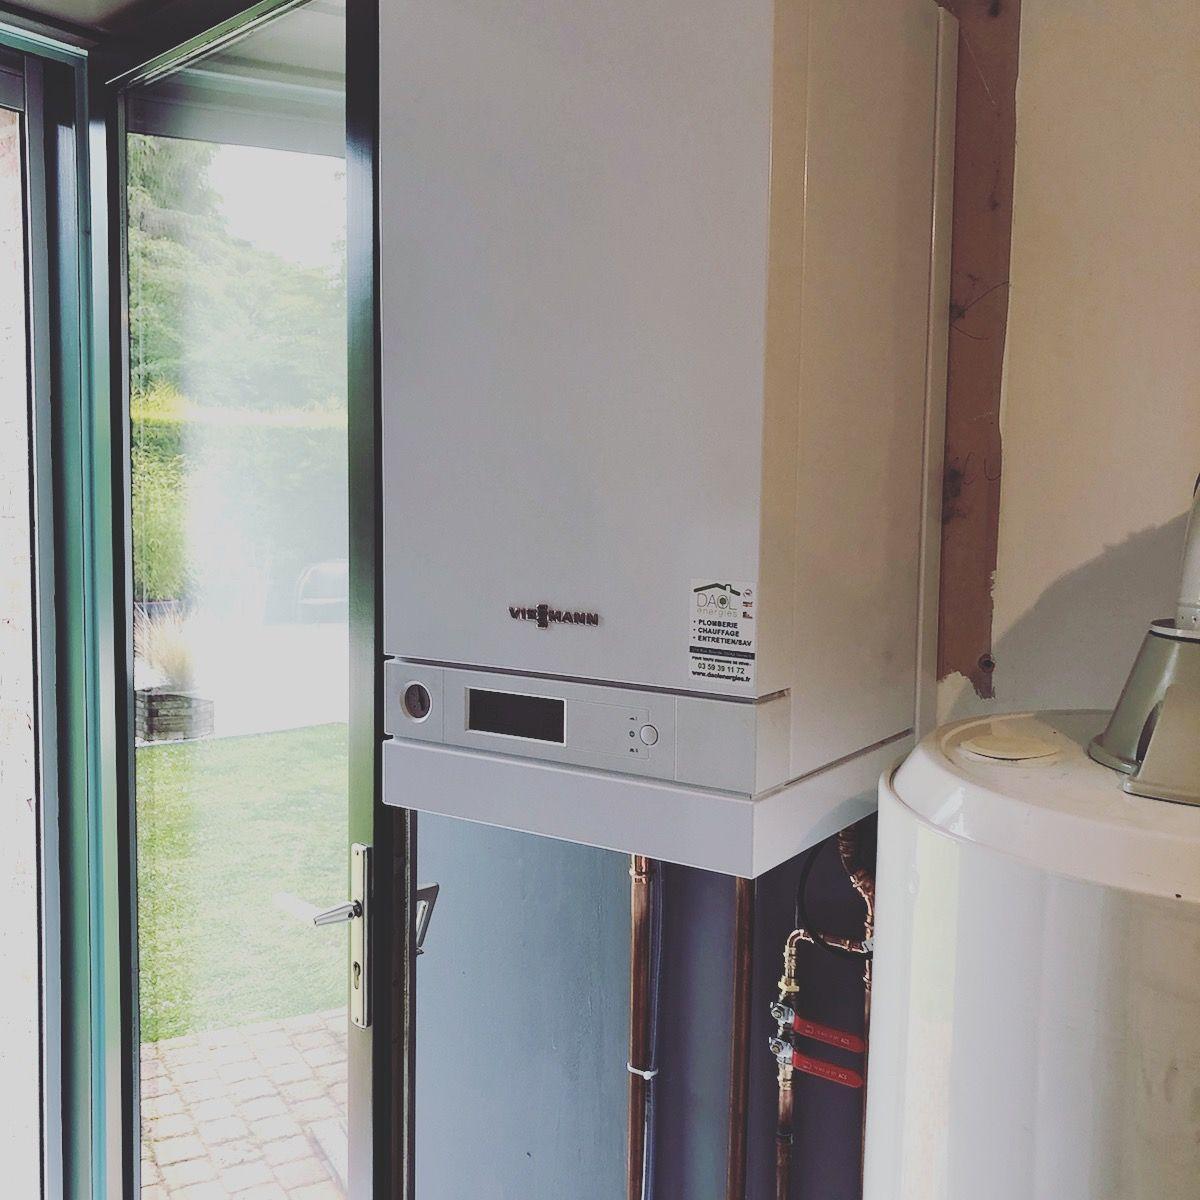 Installation Chaudière À Condensation installation d'une chaudière à condensation | nouvelles